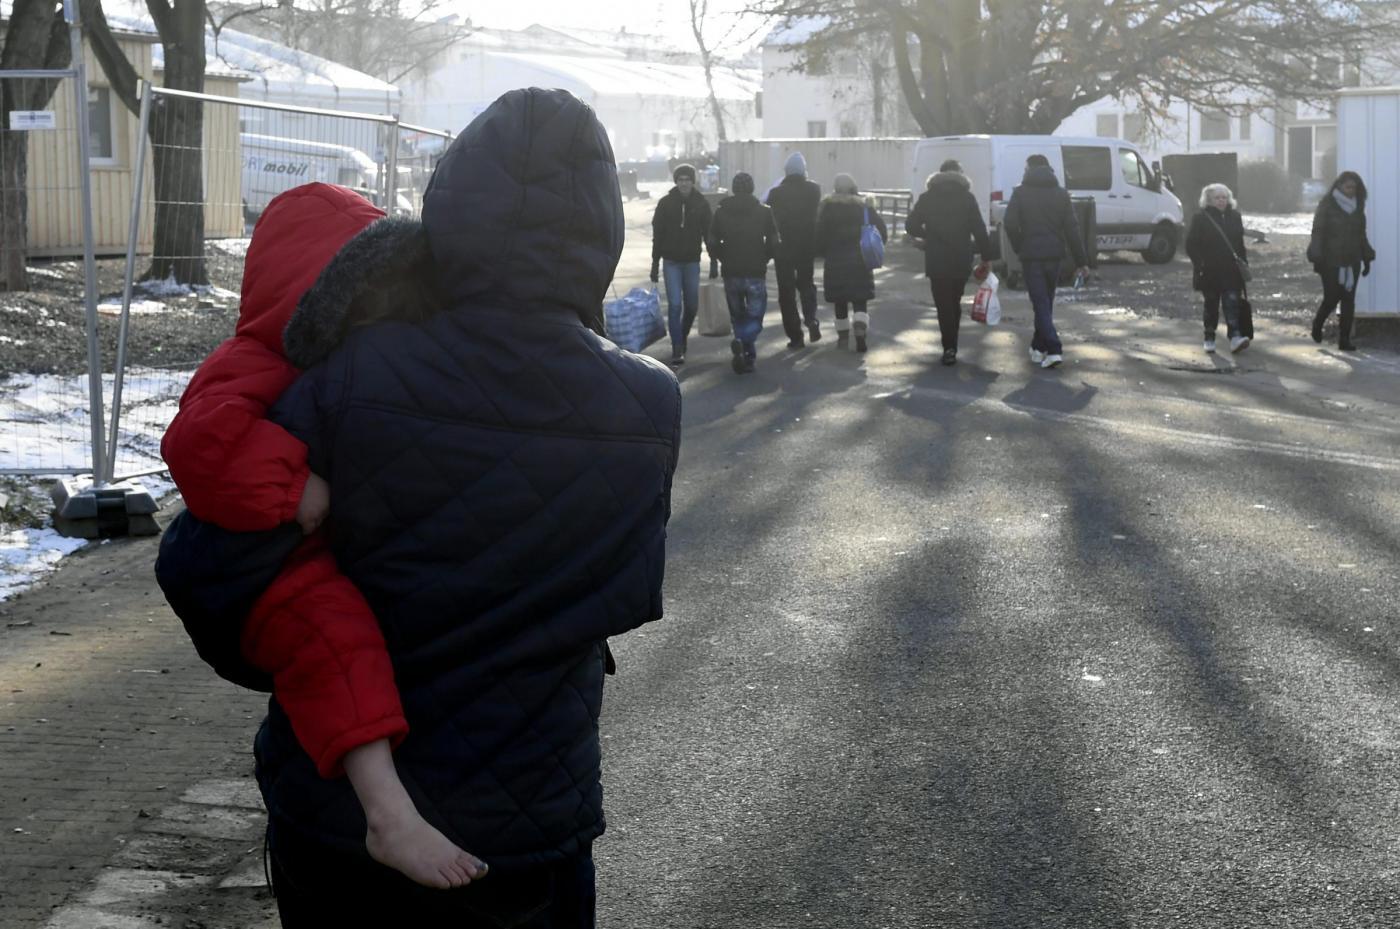 Profughi e rifugiati, la Svezia ne espellerà 80mila: cosa sta succedendo in Europa?